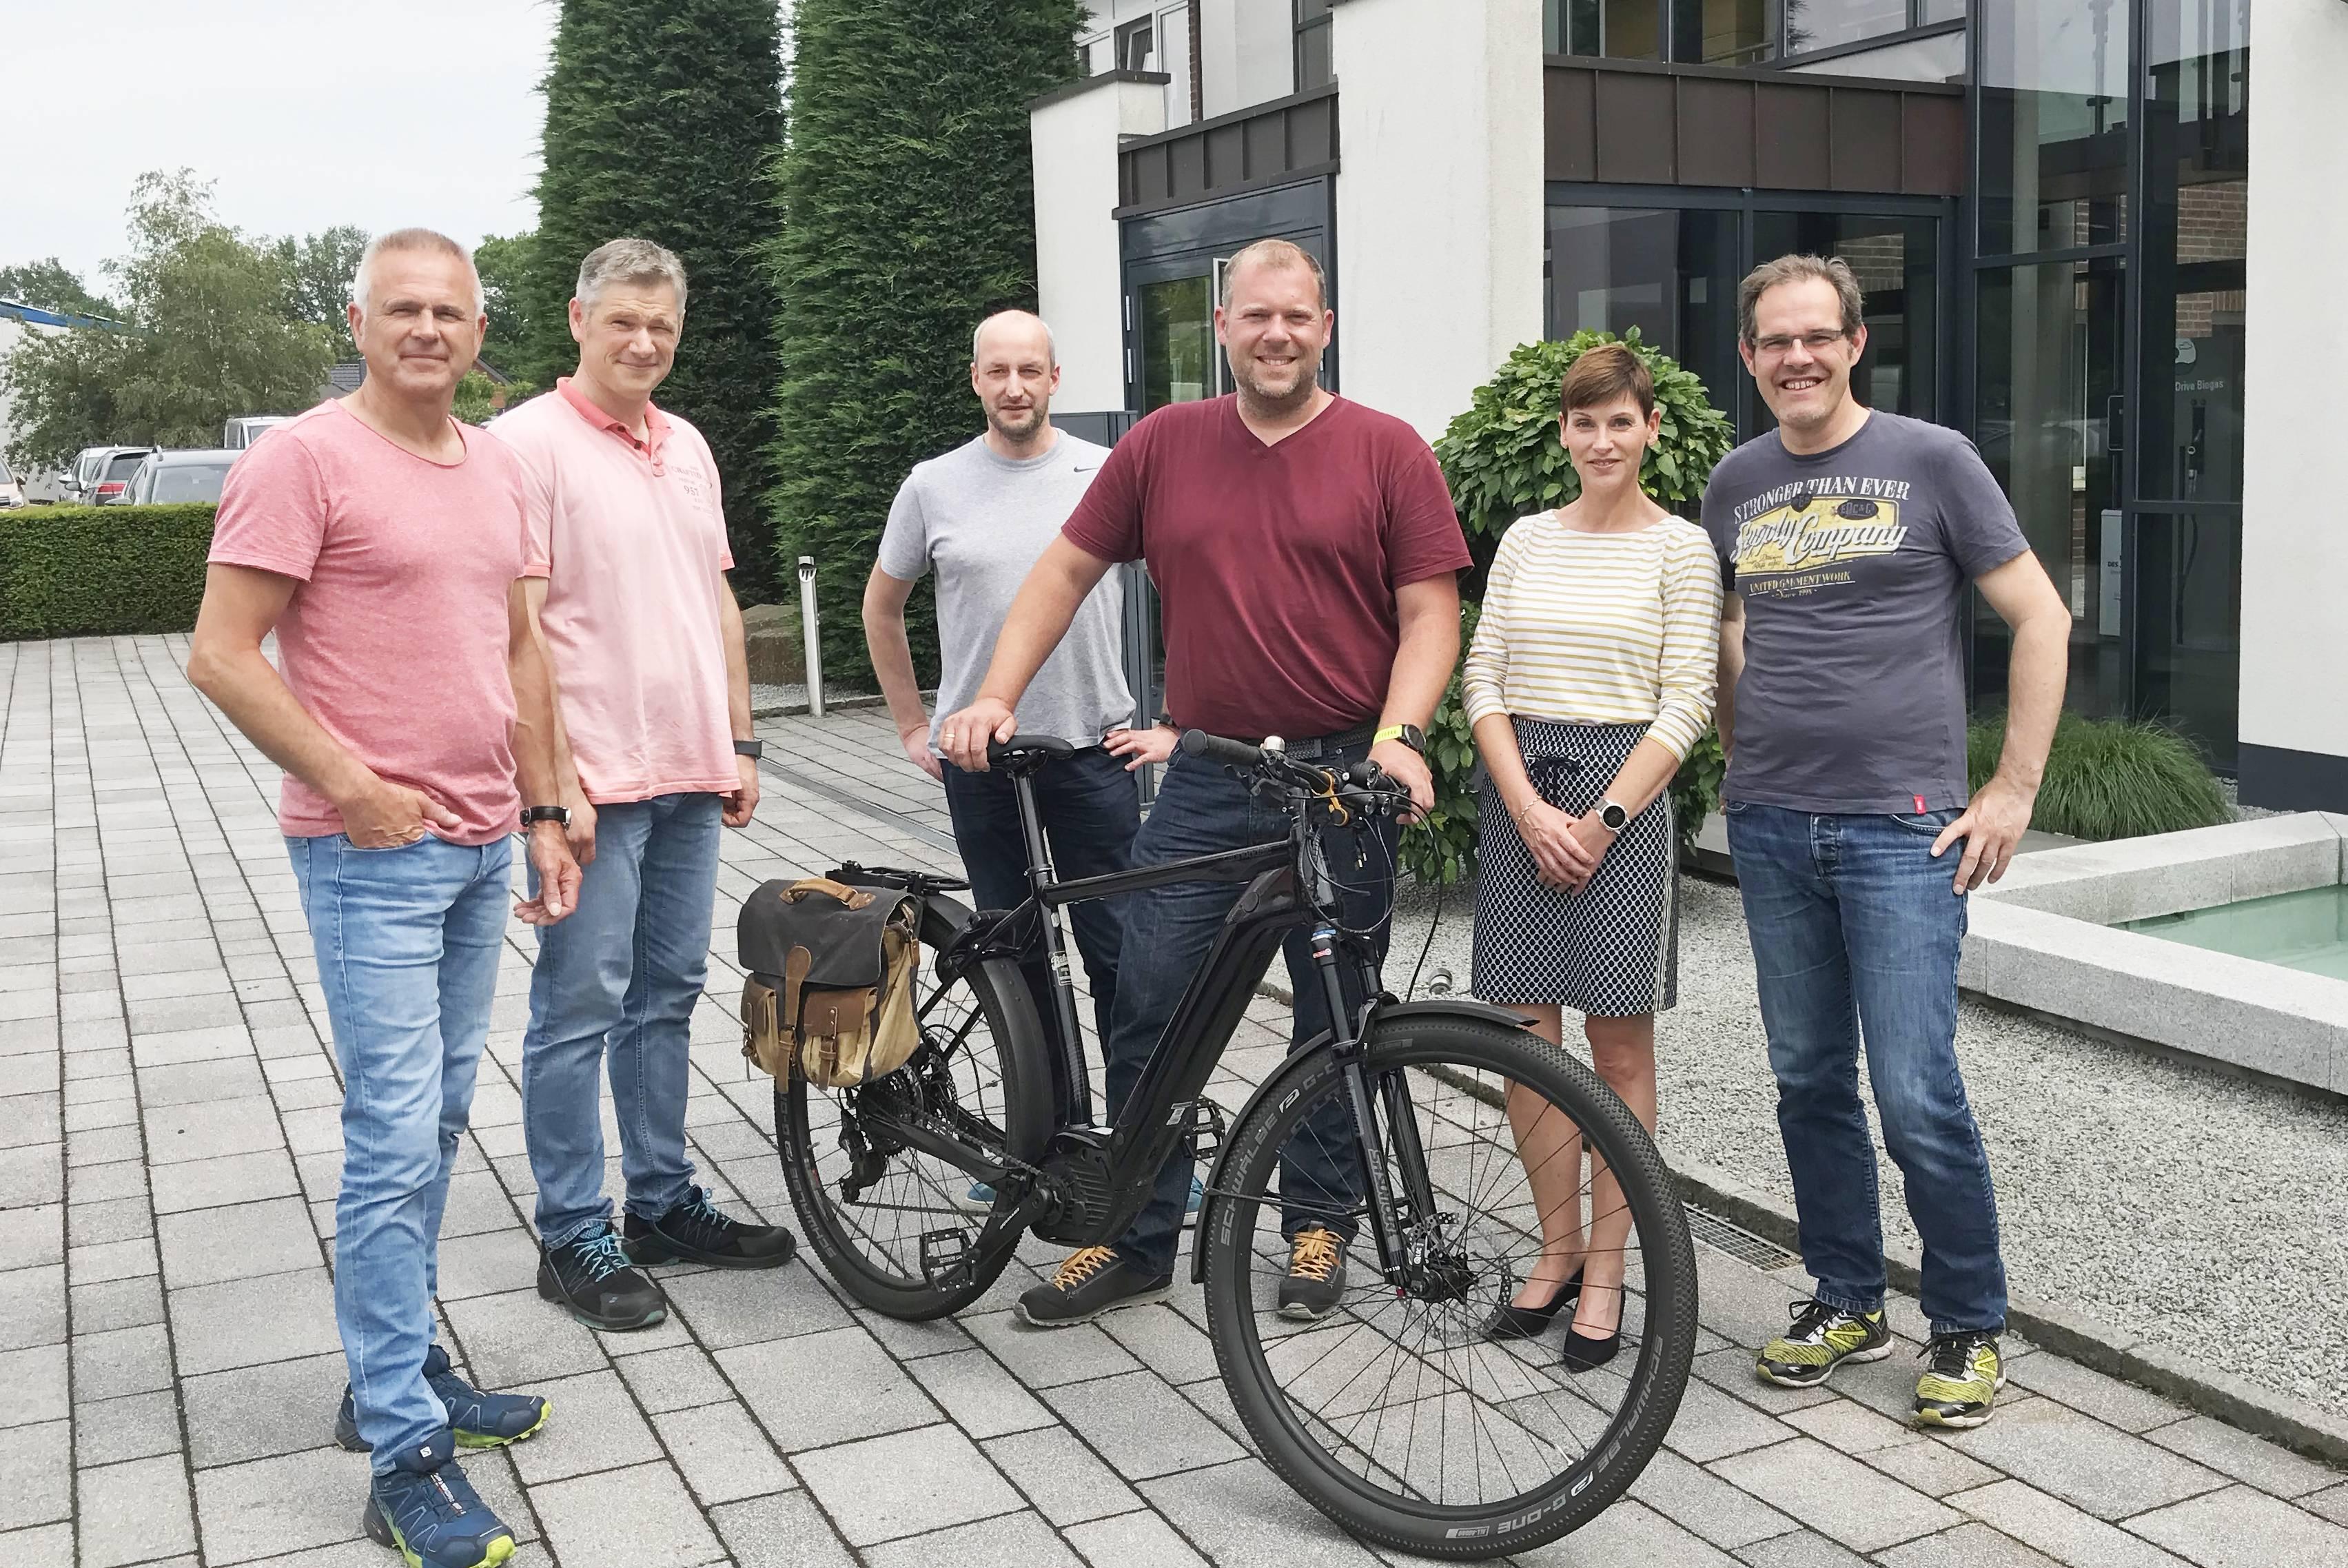 Bereits 70 Mitarbeiterinnen und Mitarbeiter nutzen das Angebot, Räder über EnviTec günstig zu beziehen